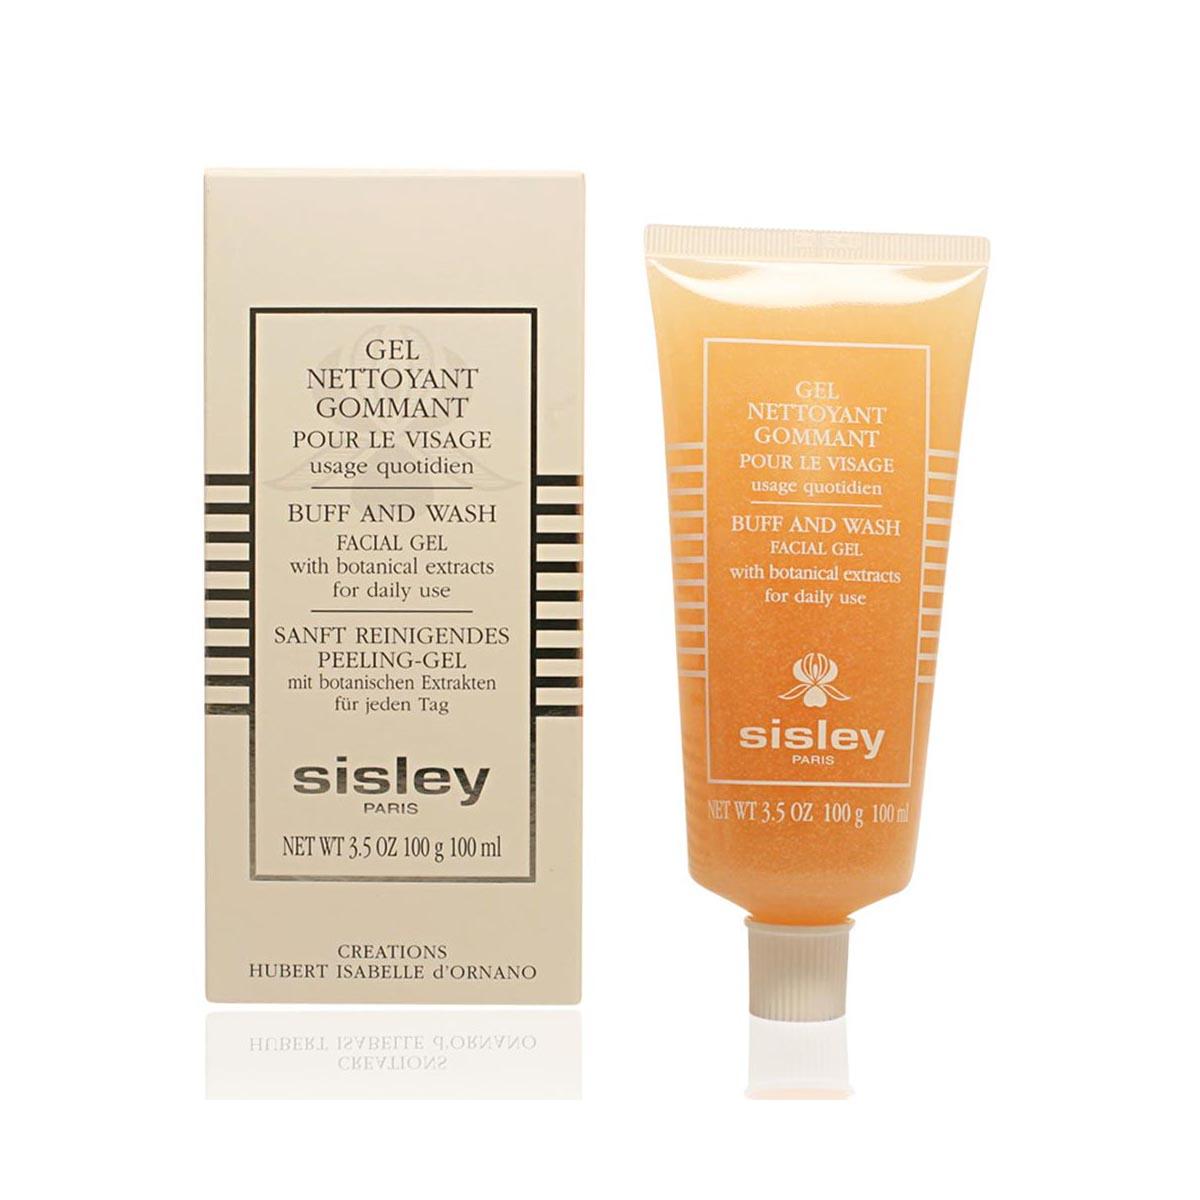 Sisley gel nettoyant gommant pour le vissage 100ml